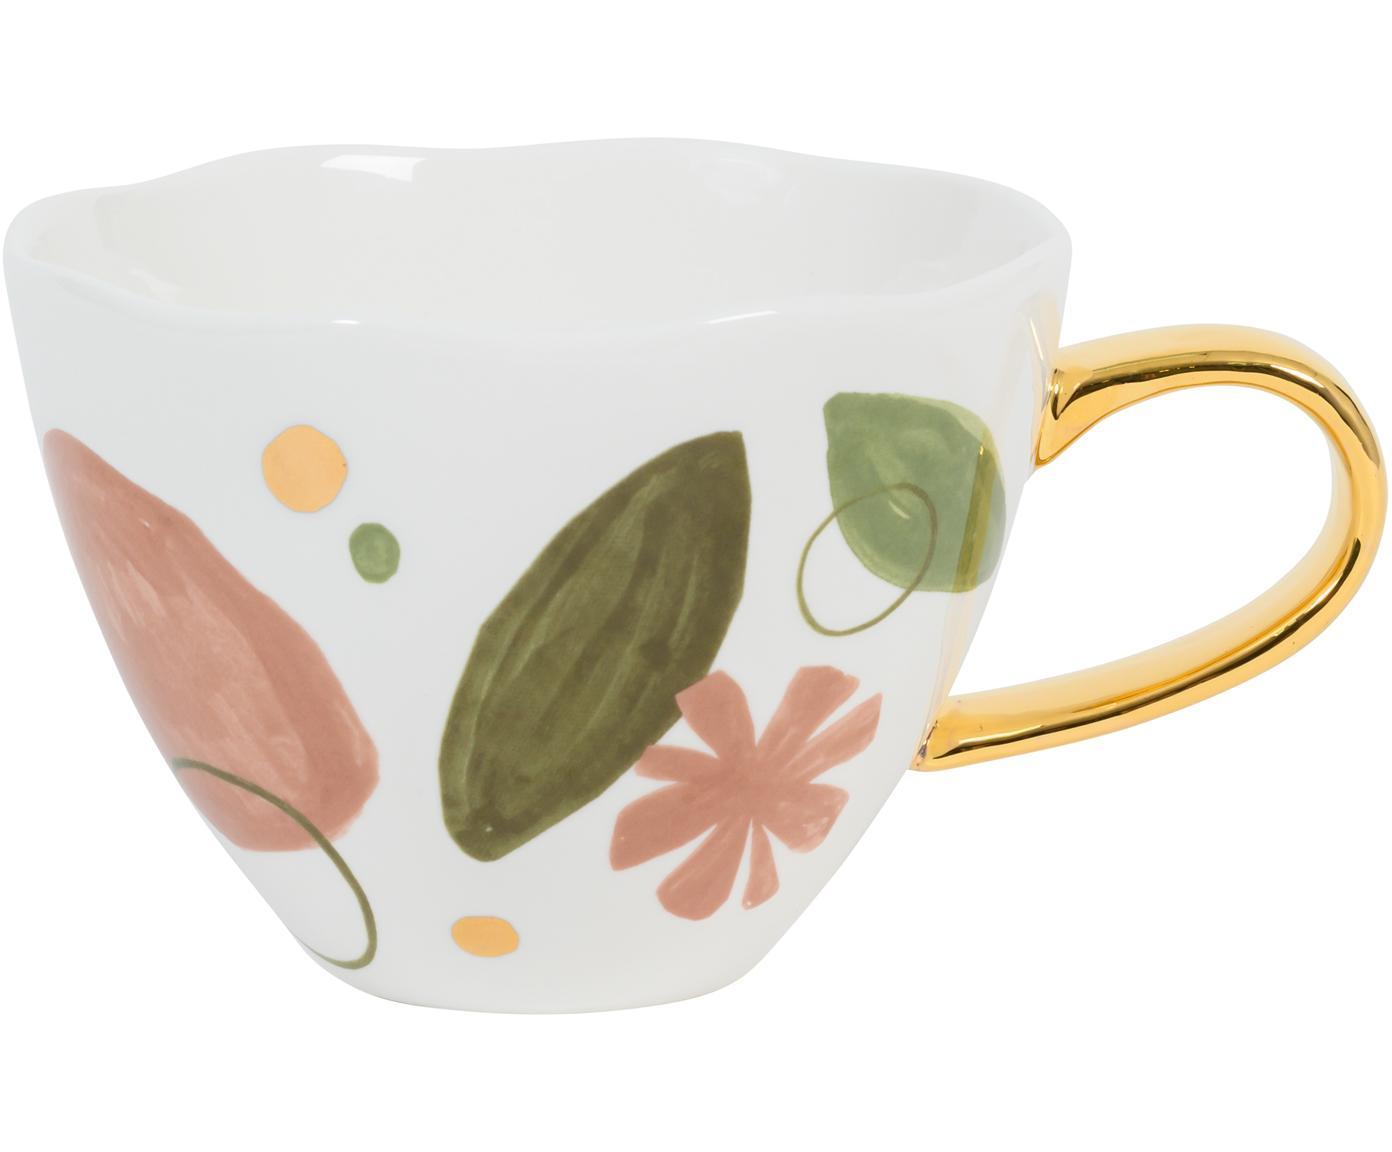 Filiżanka do kawy  Expressive, New Bone China, Biały, blady różowy, zielony, odcienie złotego, Ø 11 x W 9 cm